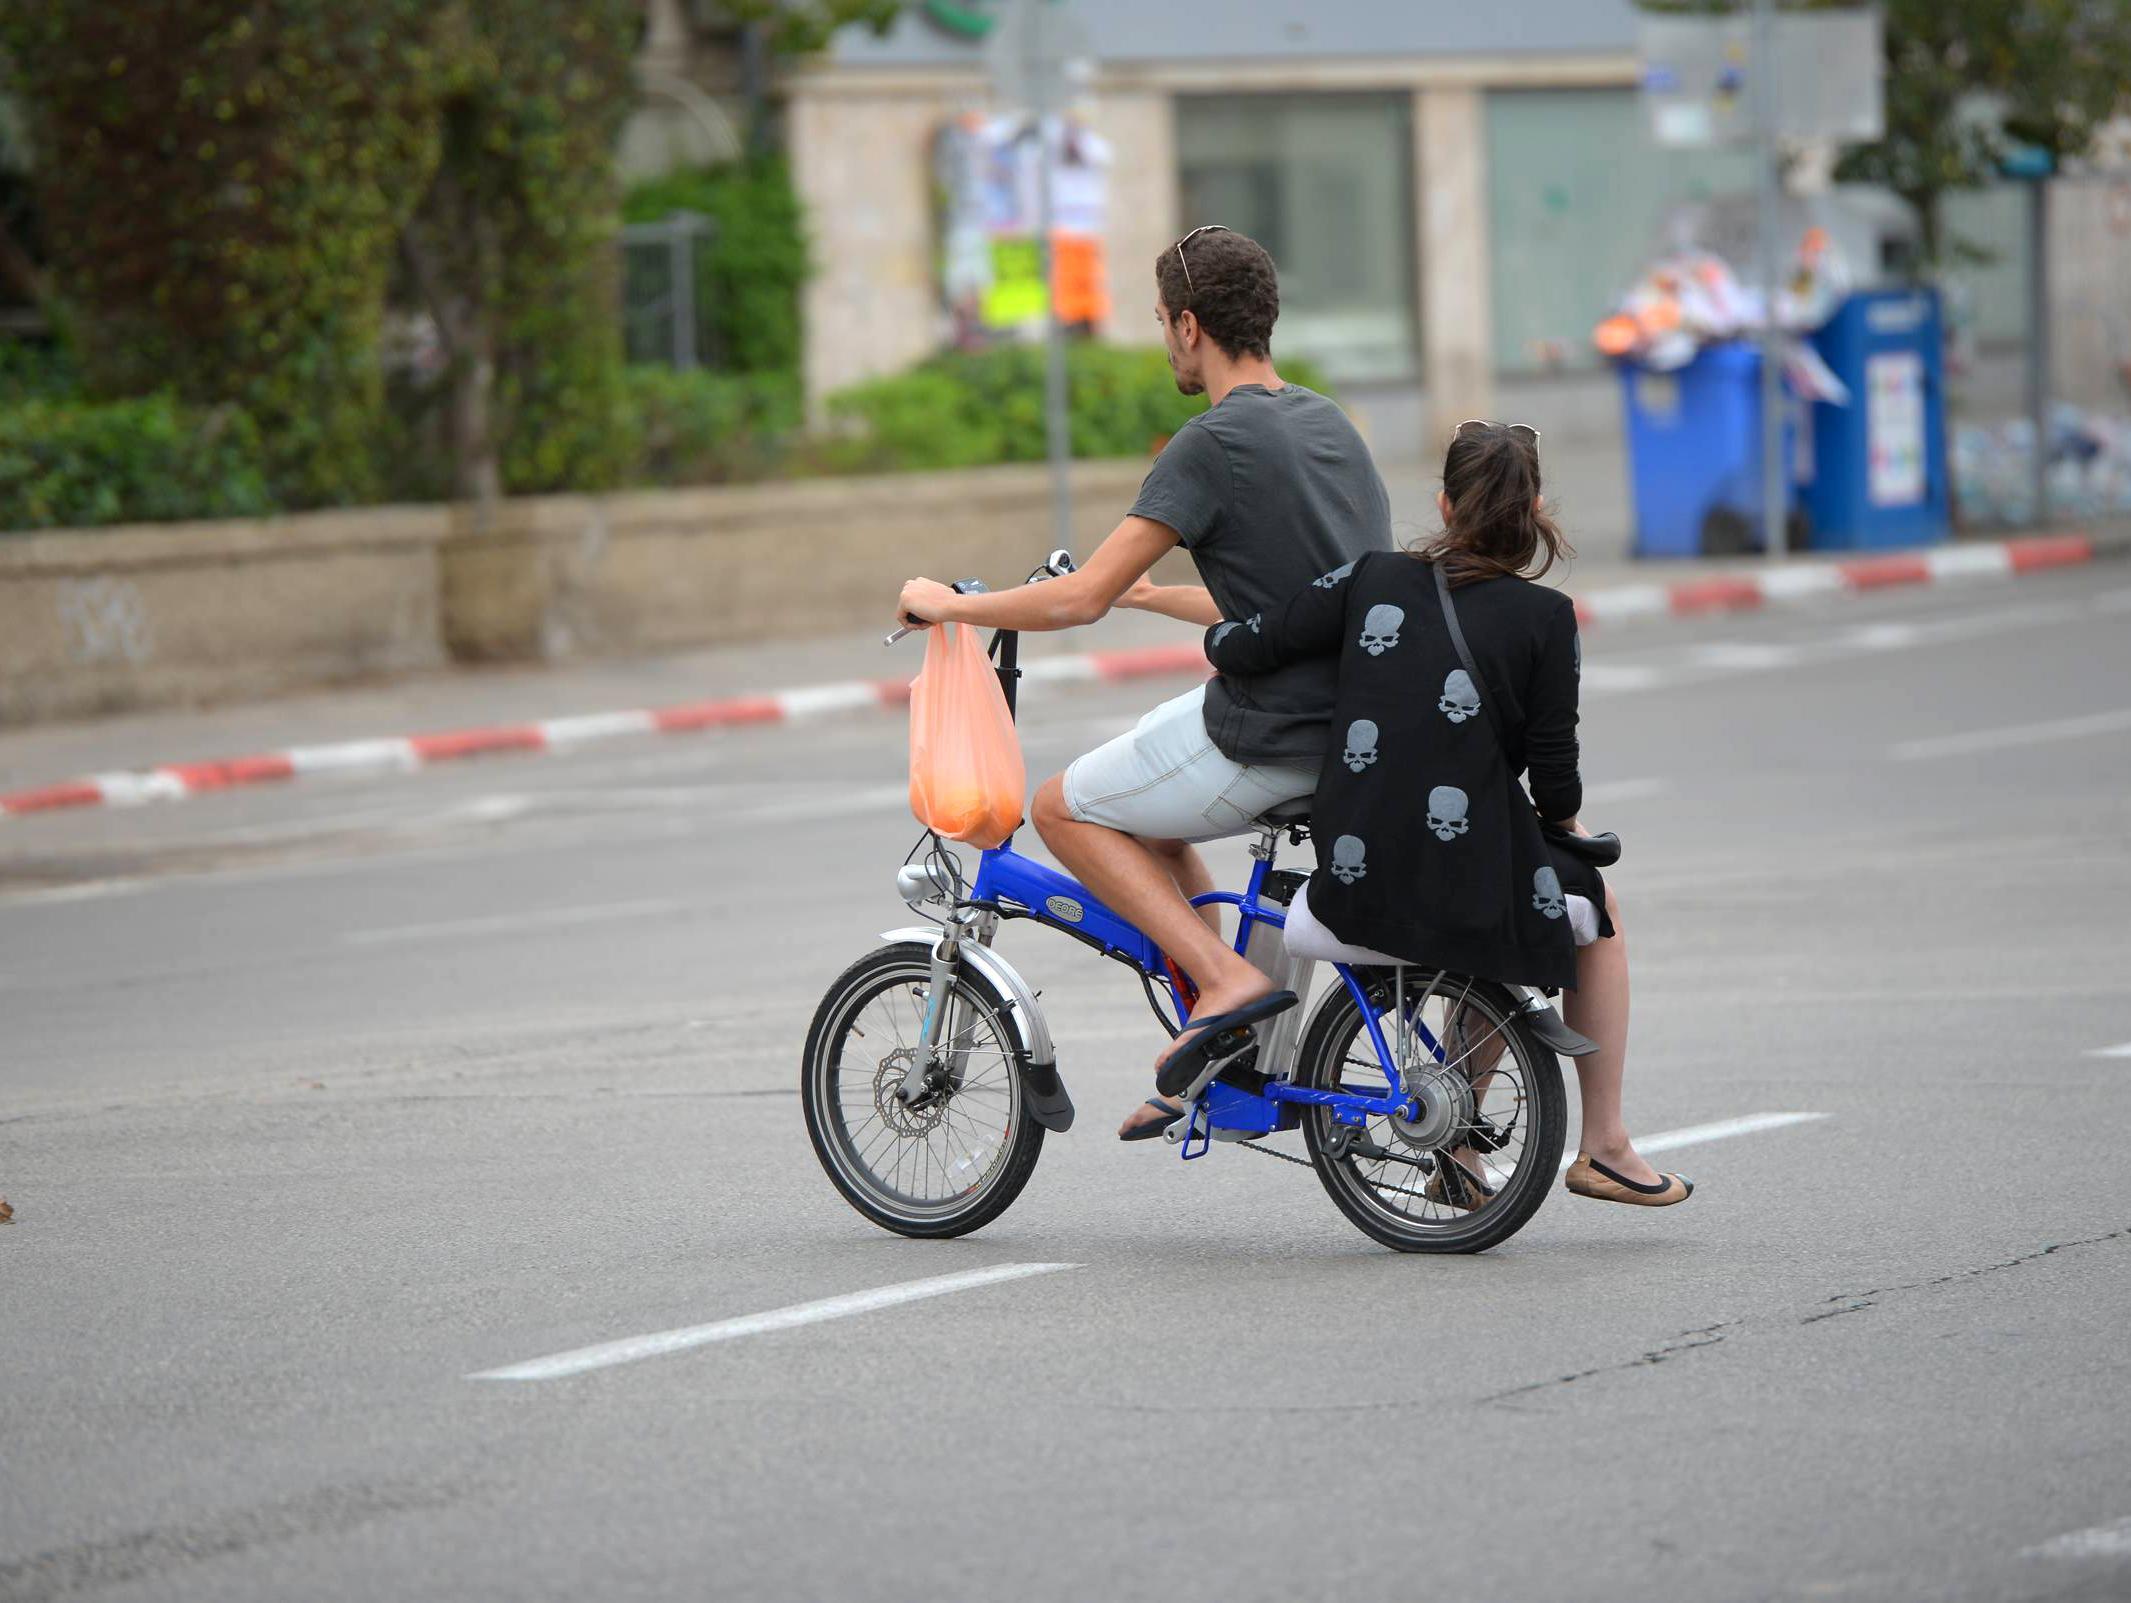 תארו לעצמכם שאפשר היה לטעון אופניים חשמליים בכל מקום